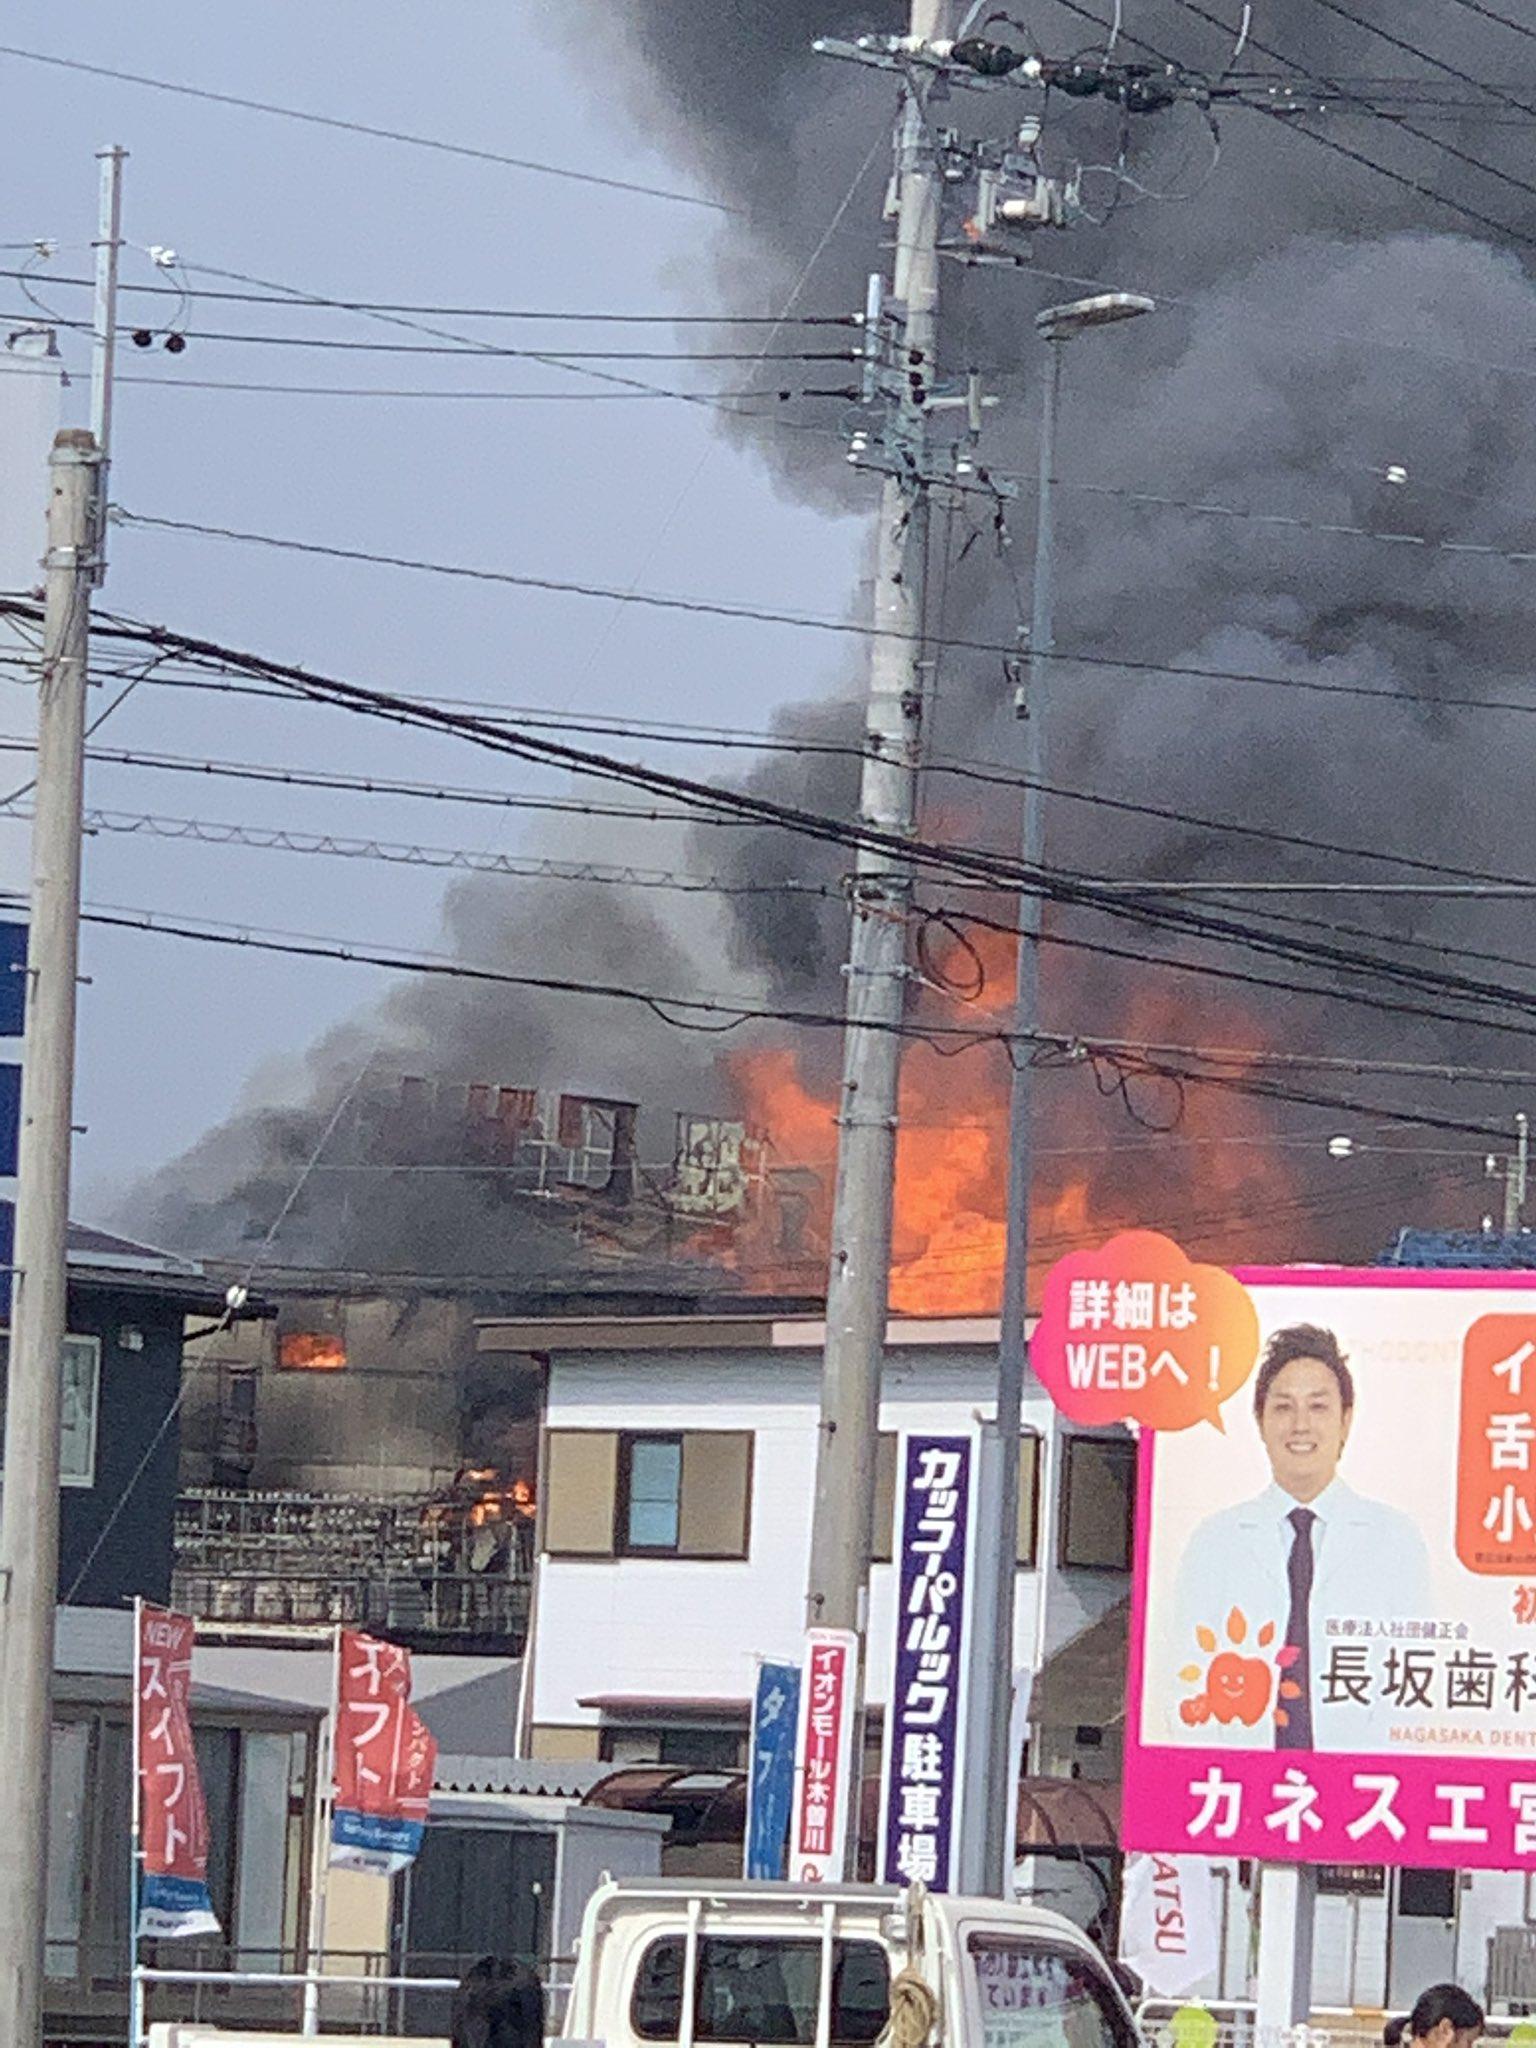 オザワ繊工の工場が中学生の火炎放射で燃えている火災現場の画像